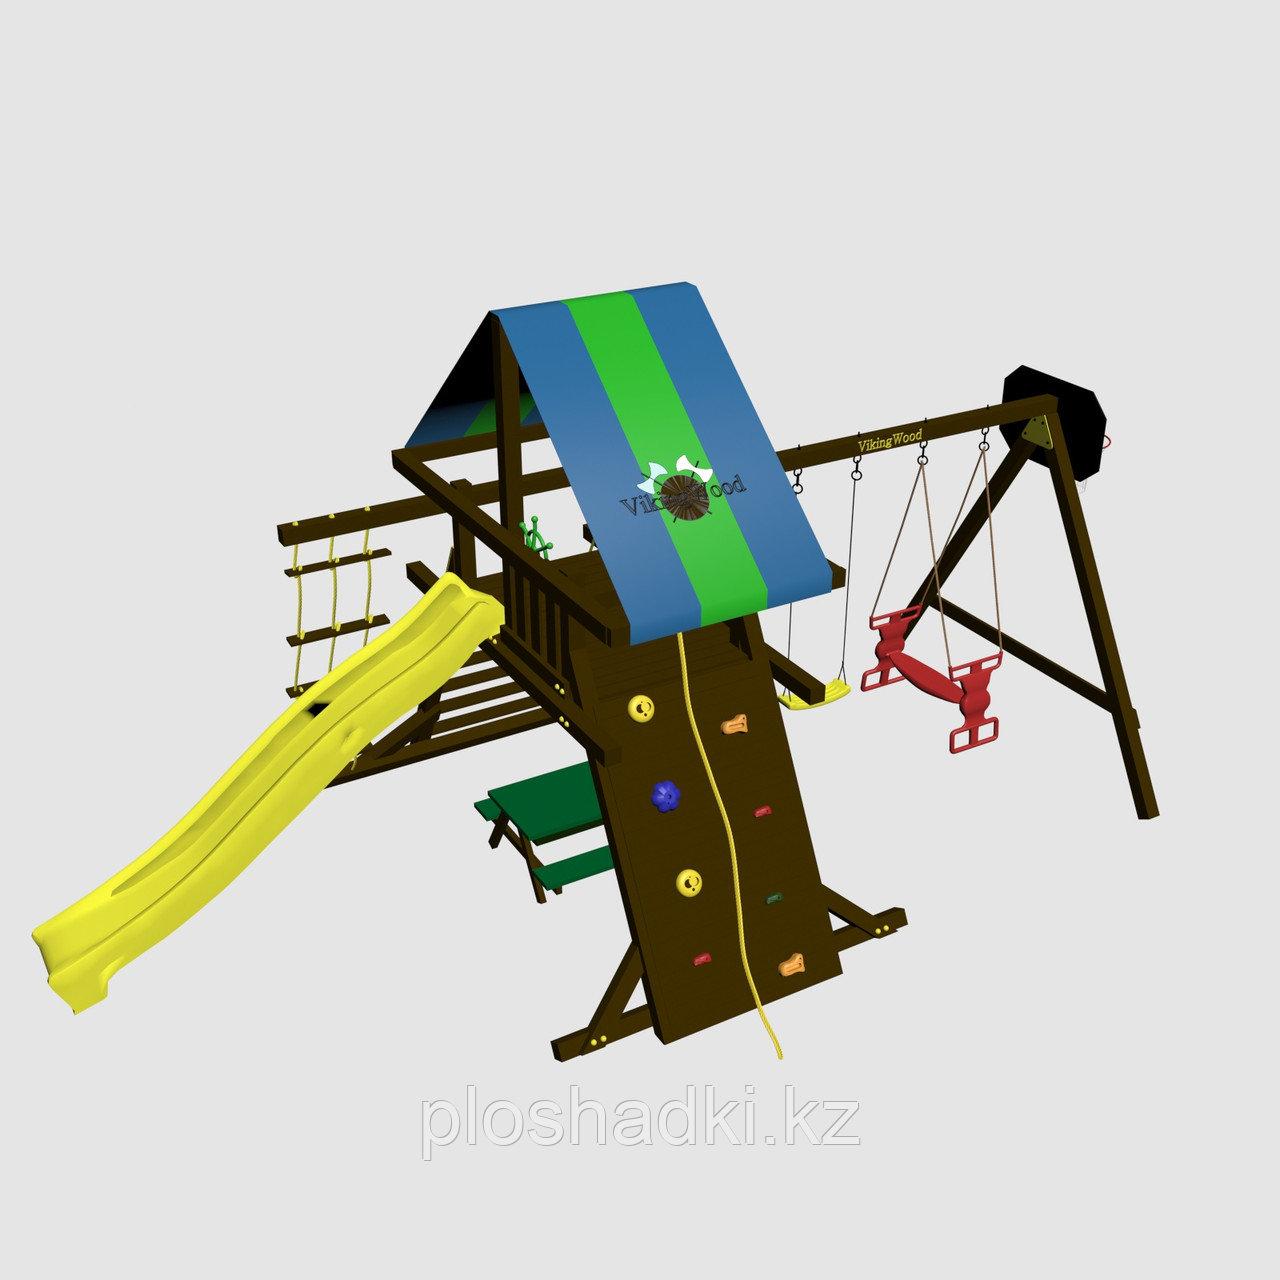 """Игровой комплекс """"Амиго с качелями Дуэт"""", крыша цветная, горка-скат, канатная лестница"""